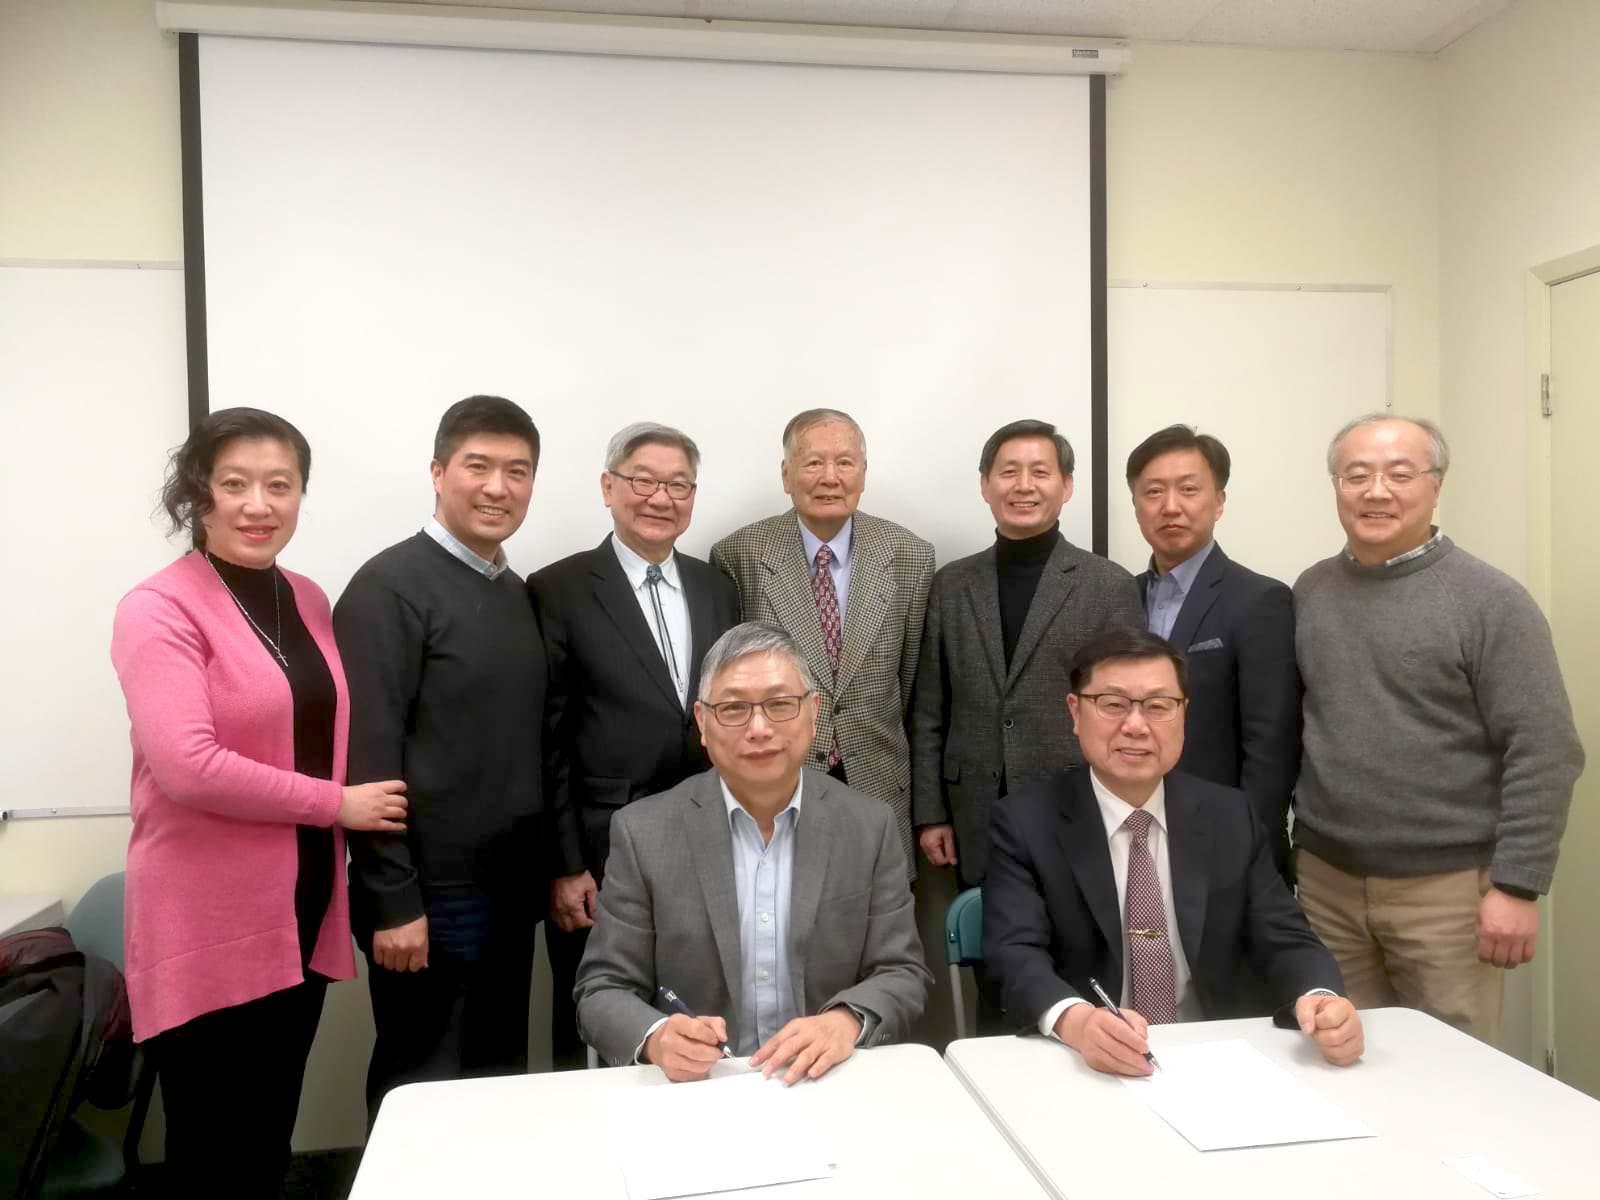 邀請安排兩對能操流利國語的韓裔宣教士夫婦